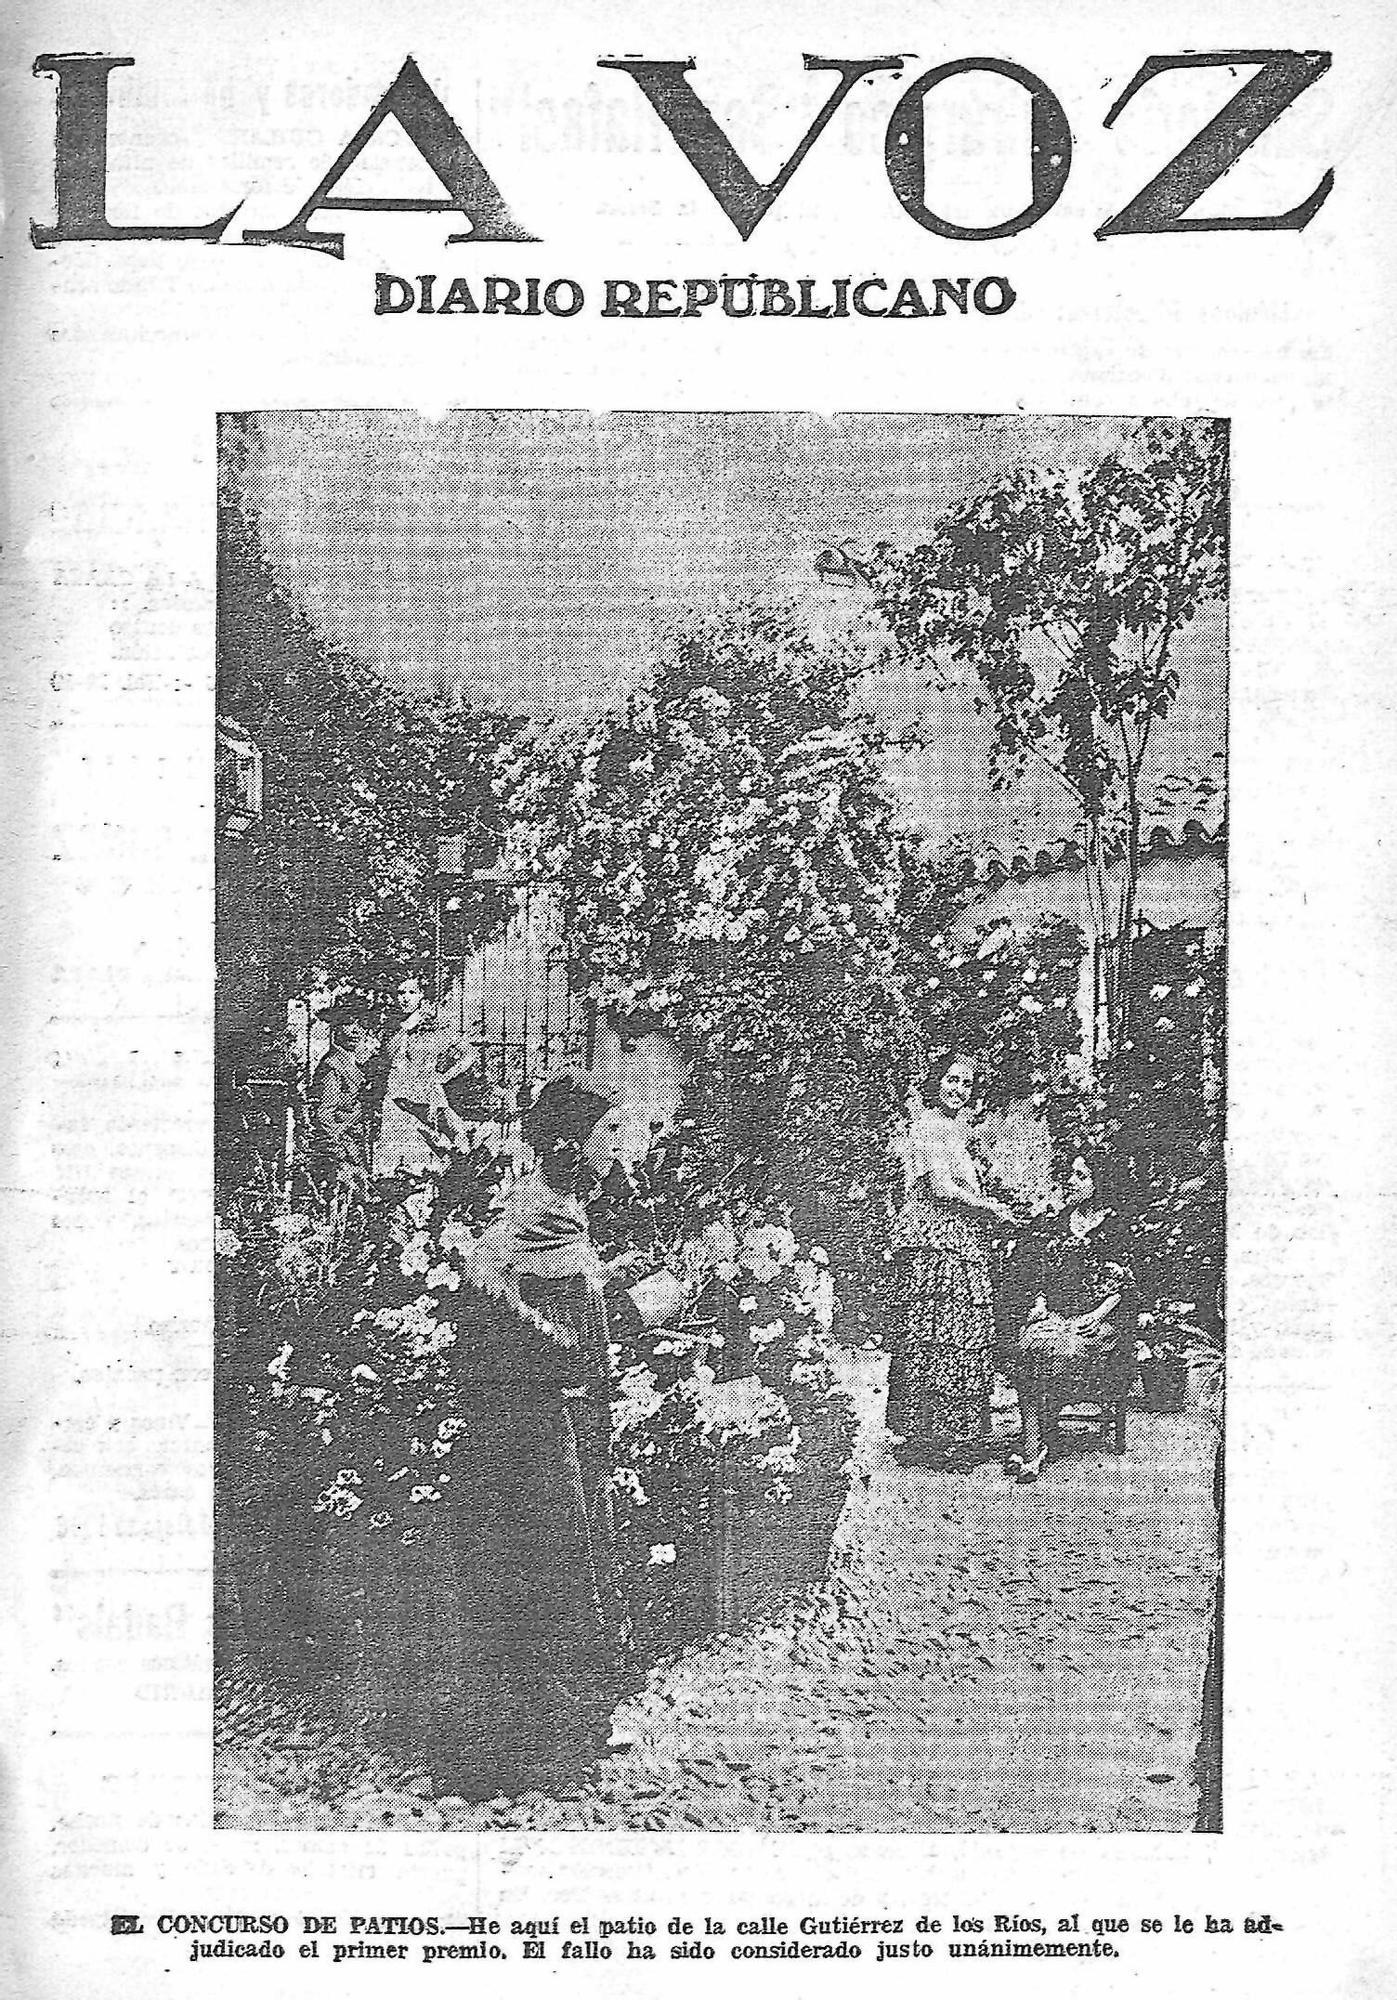 Patio del certamen de 1933 de la calle Gutiérrez de los Rios